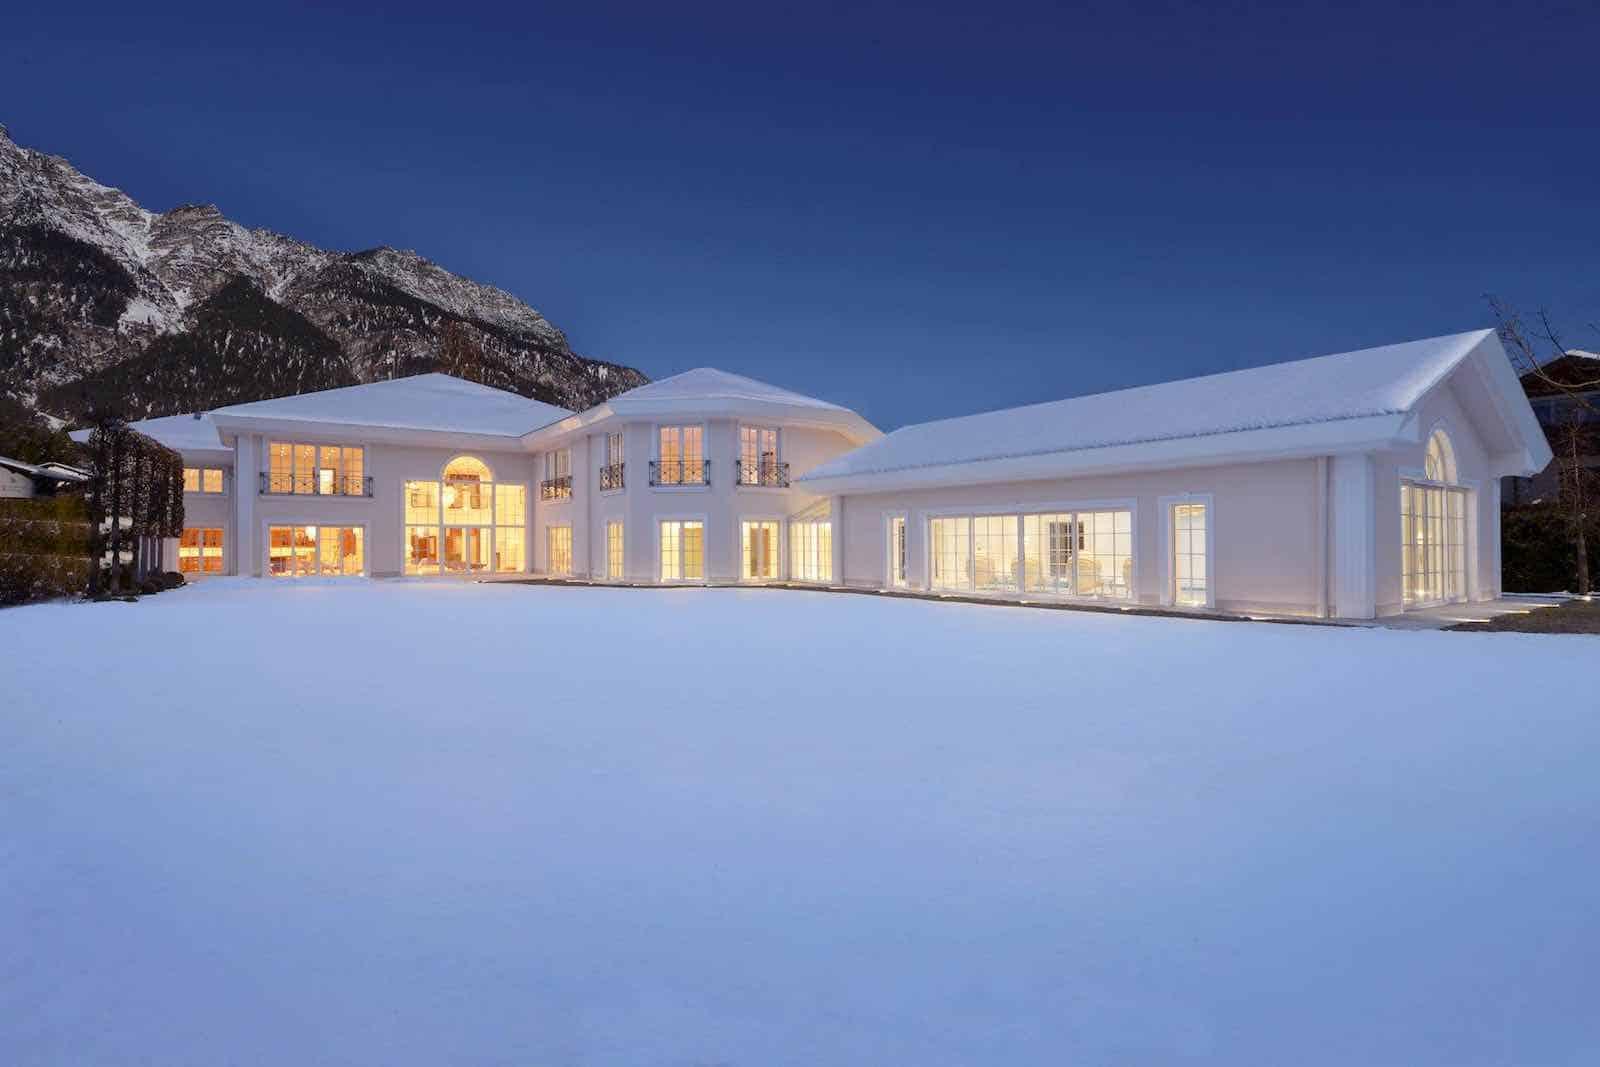 villa glory esta magnfica obra maestra de estilo neoclsico en garmisch baviera with ver casas de lujo por dentro